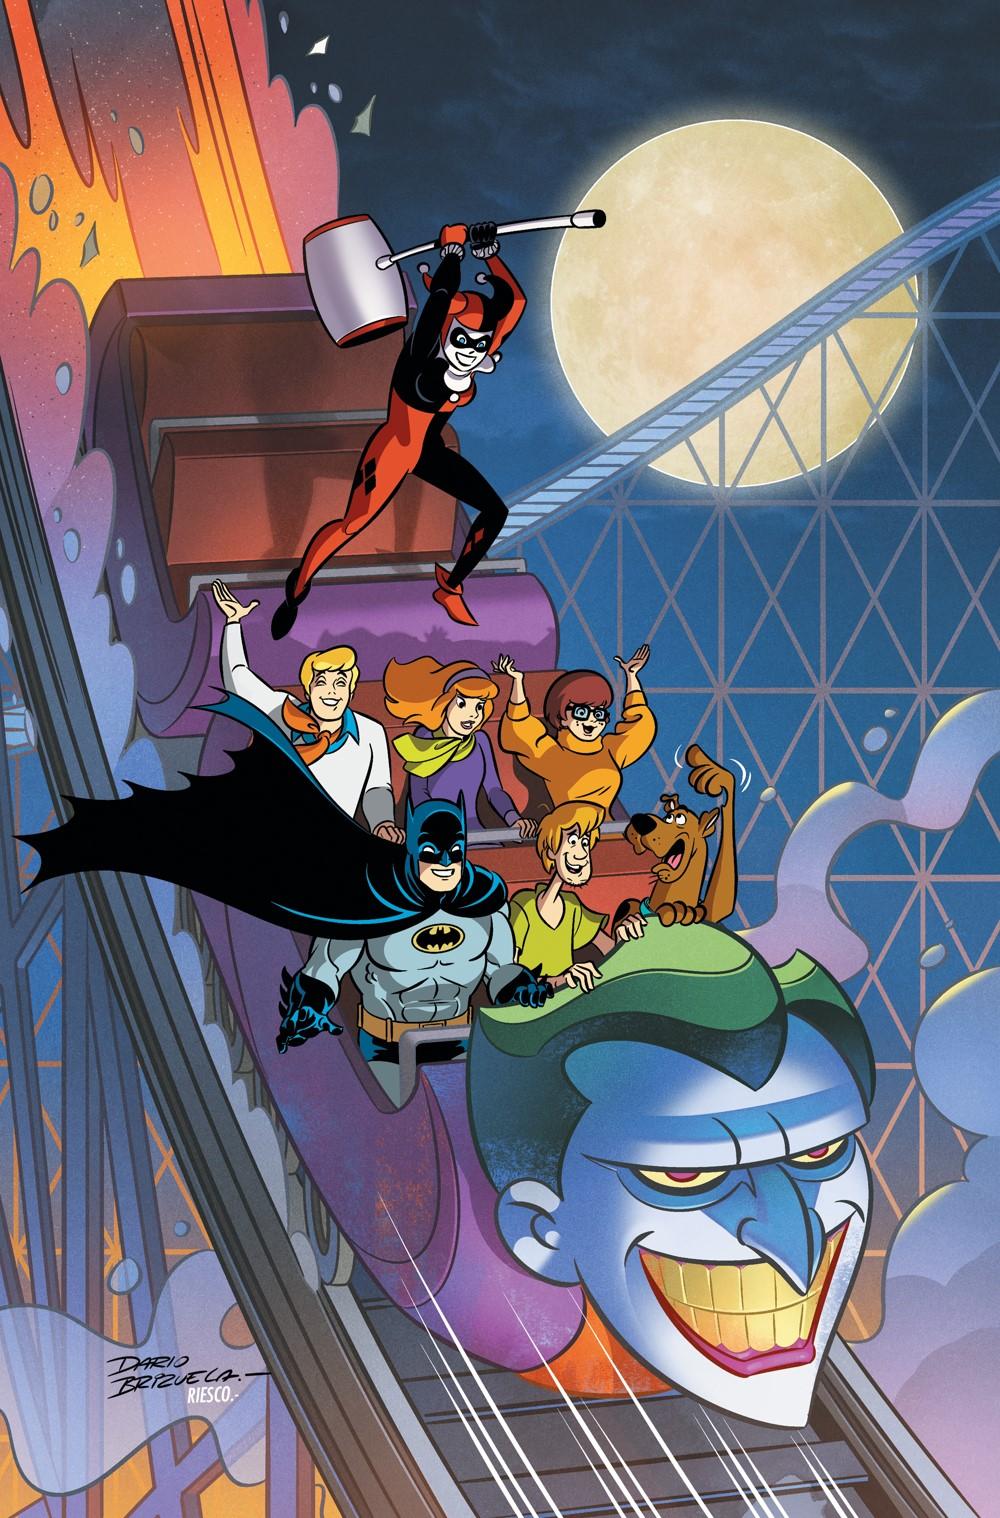 Batman-Scooby-Doo-Mysteries-Cv8 DC Comics November 2021 Solicitations